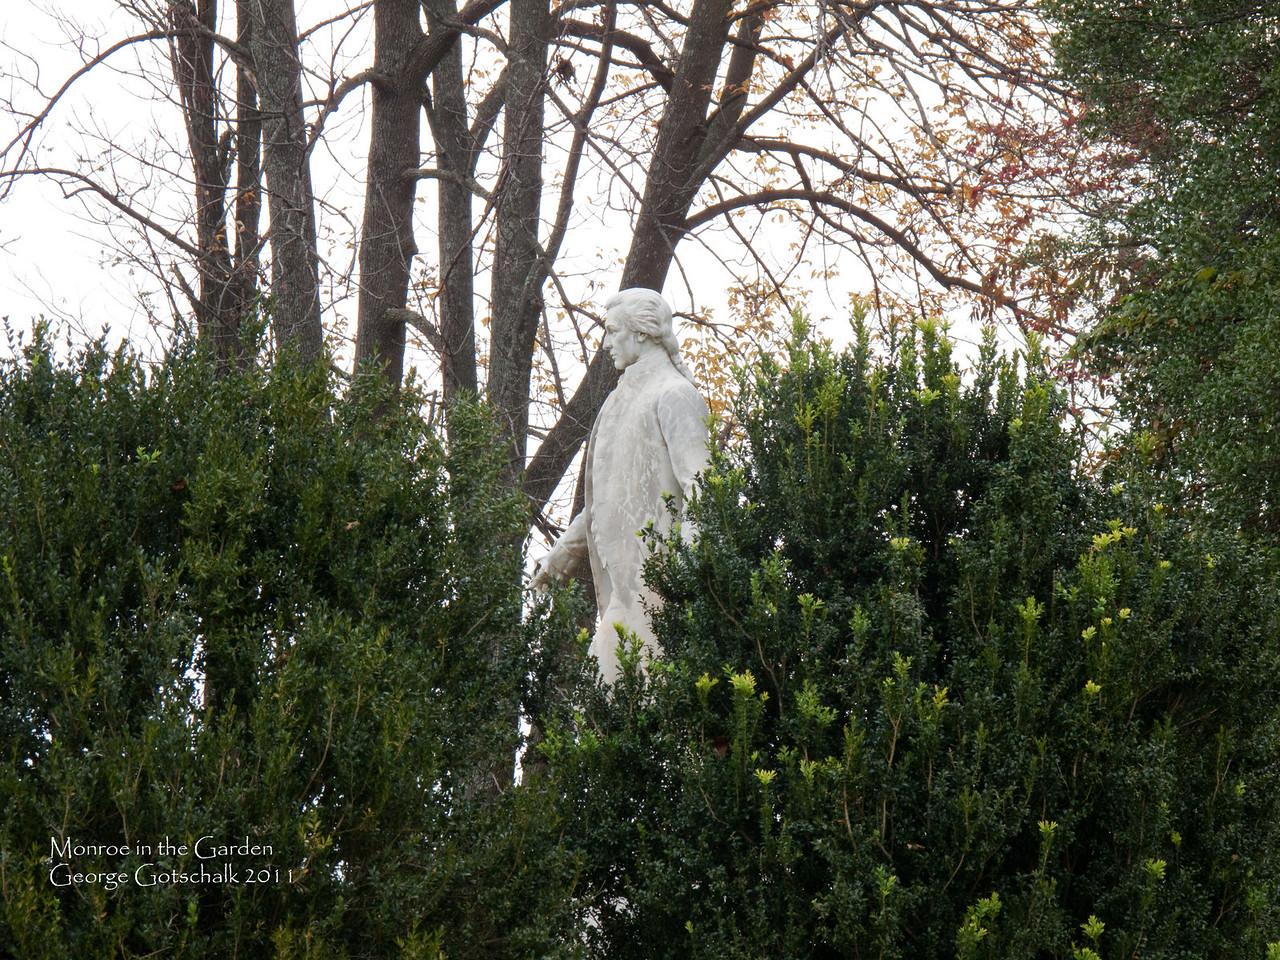 James Monroe in the garden of his Virginia home.